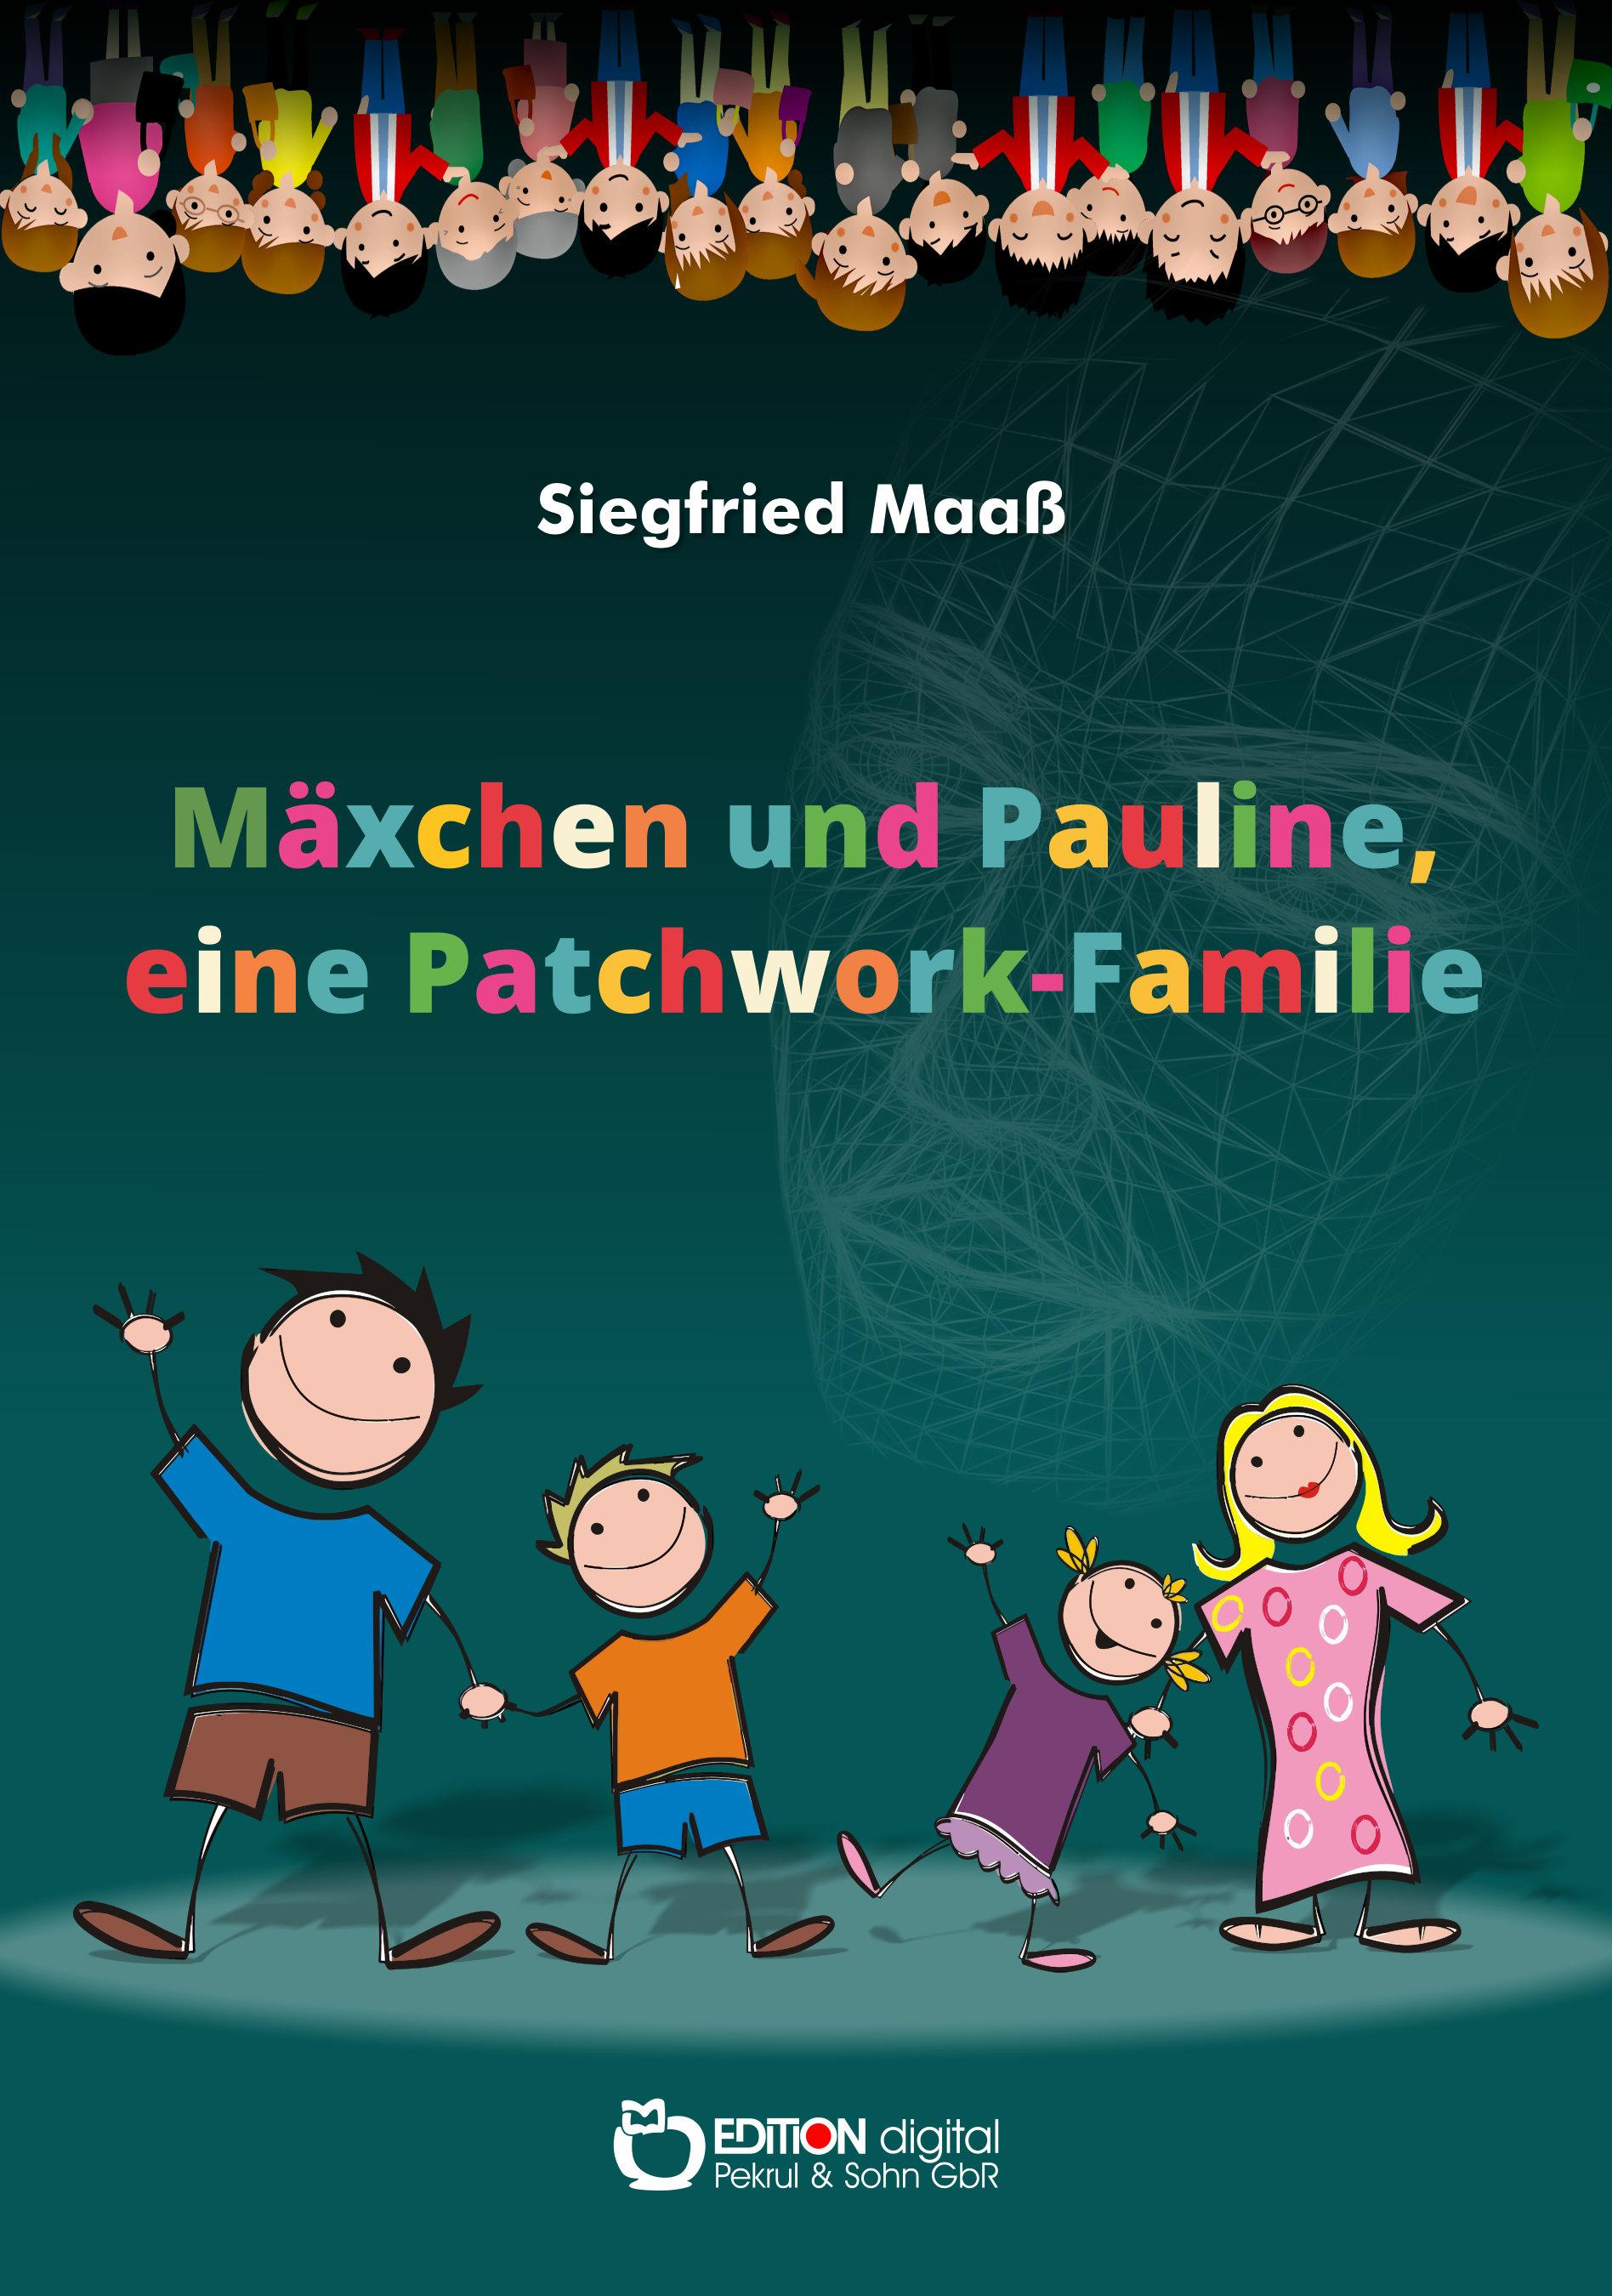 Mäxchen und Pauline, eine Patchwork-Familie von Siegfried Maaß